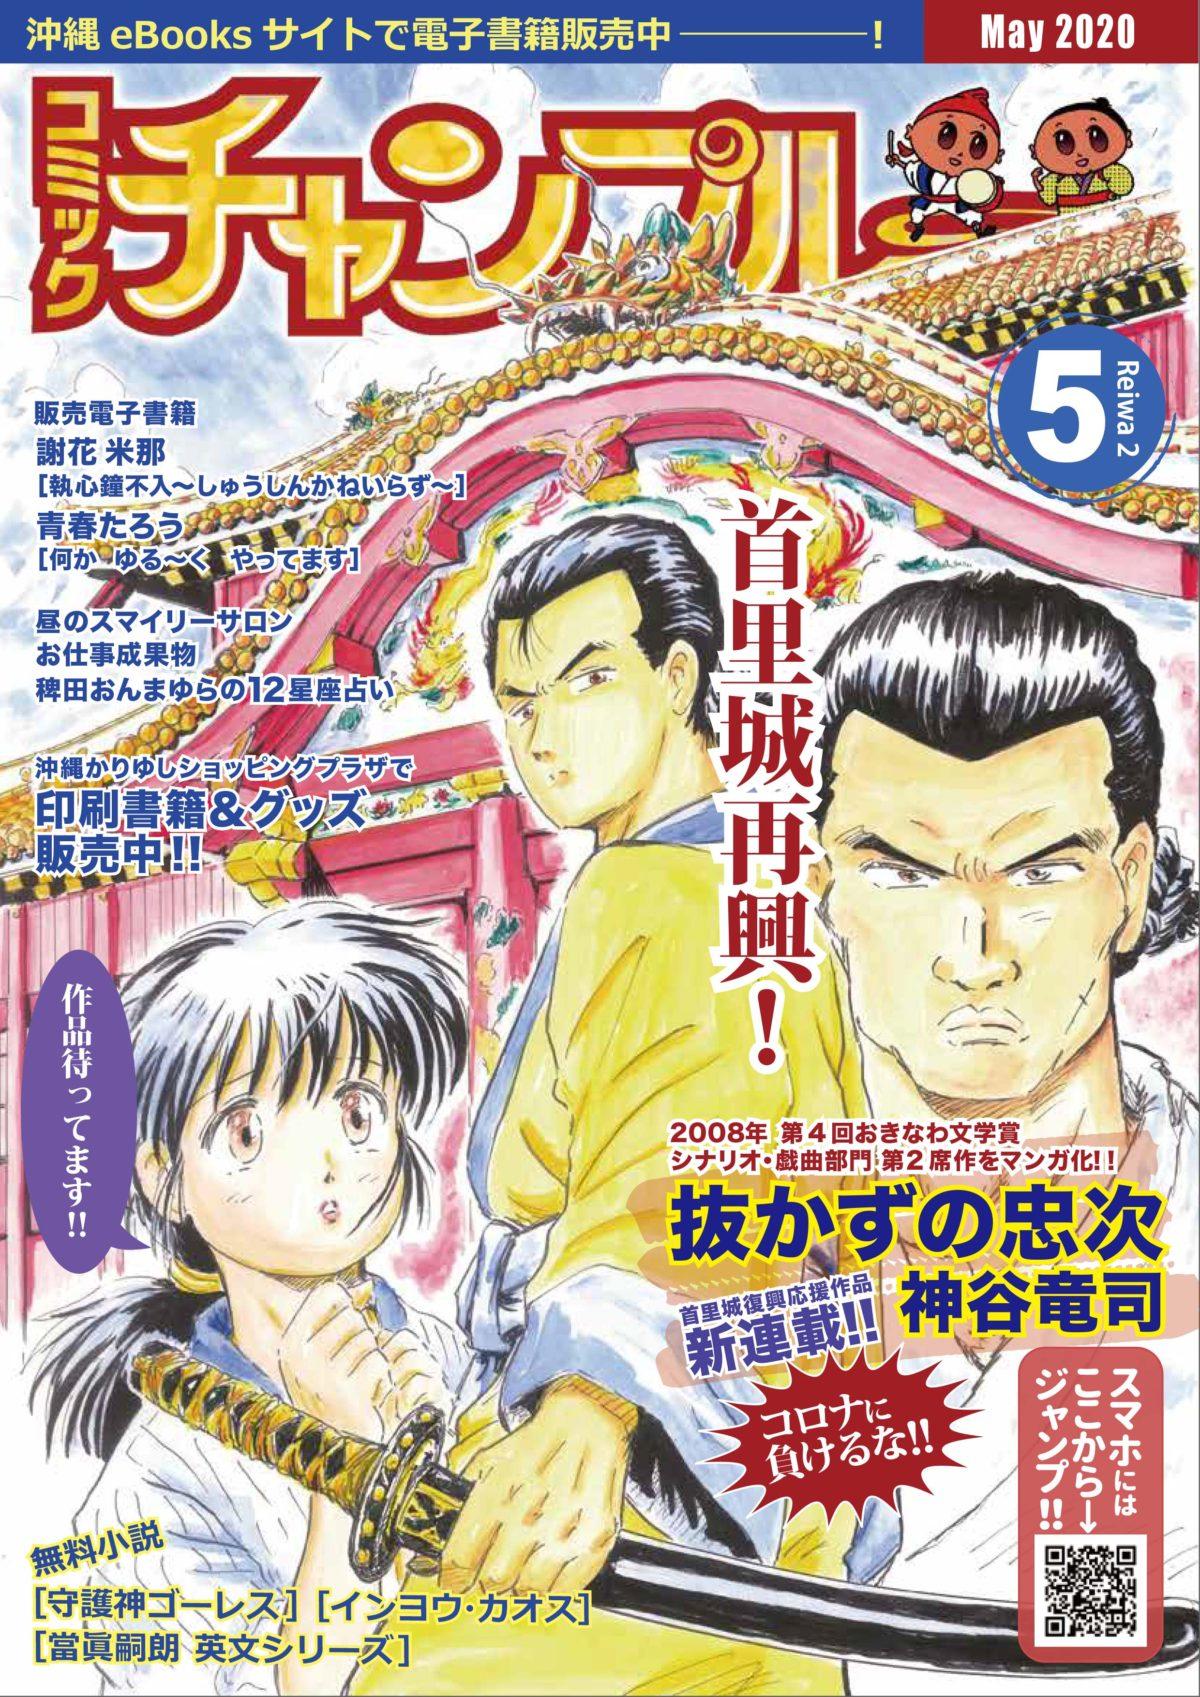 5月です! コミックチャンプルー表紙更新しました! 沖縄マンガチラシもやってます!